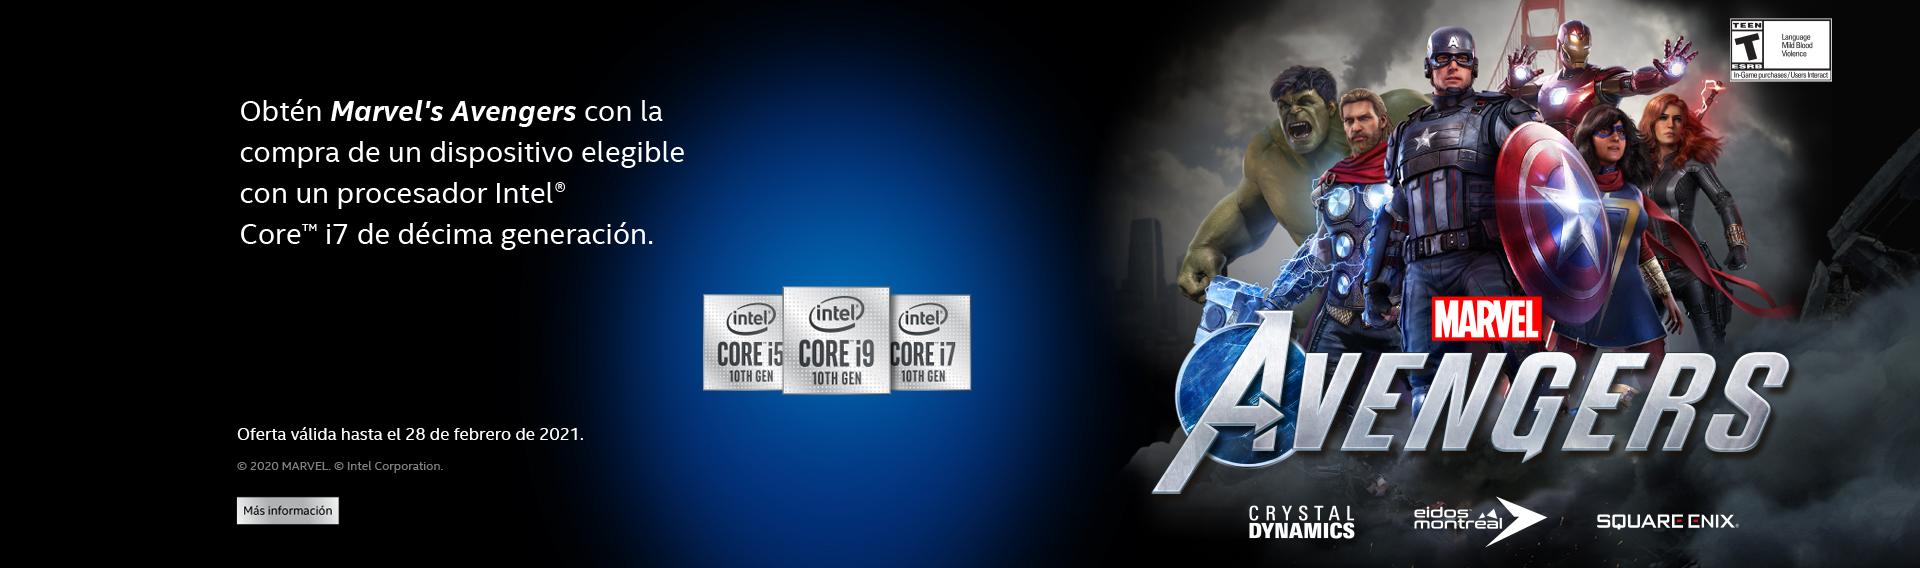 Compra un producto con procesador Intel y obten Marvel´s Avengers.